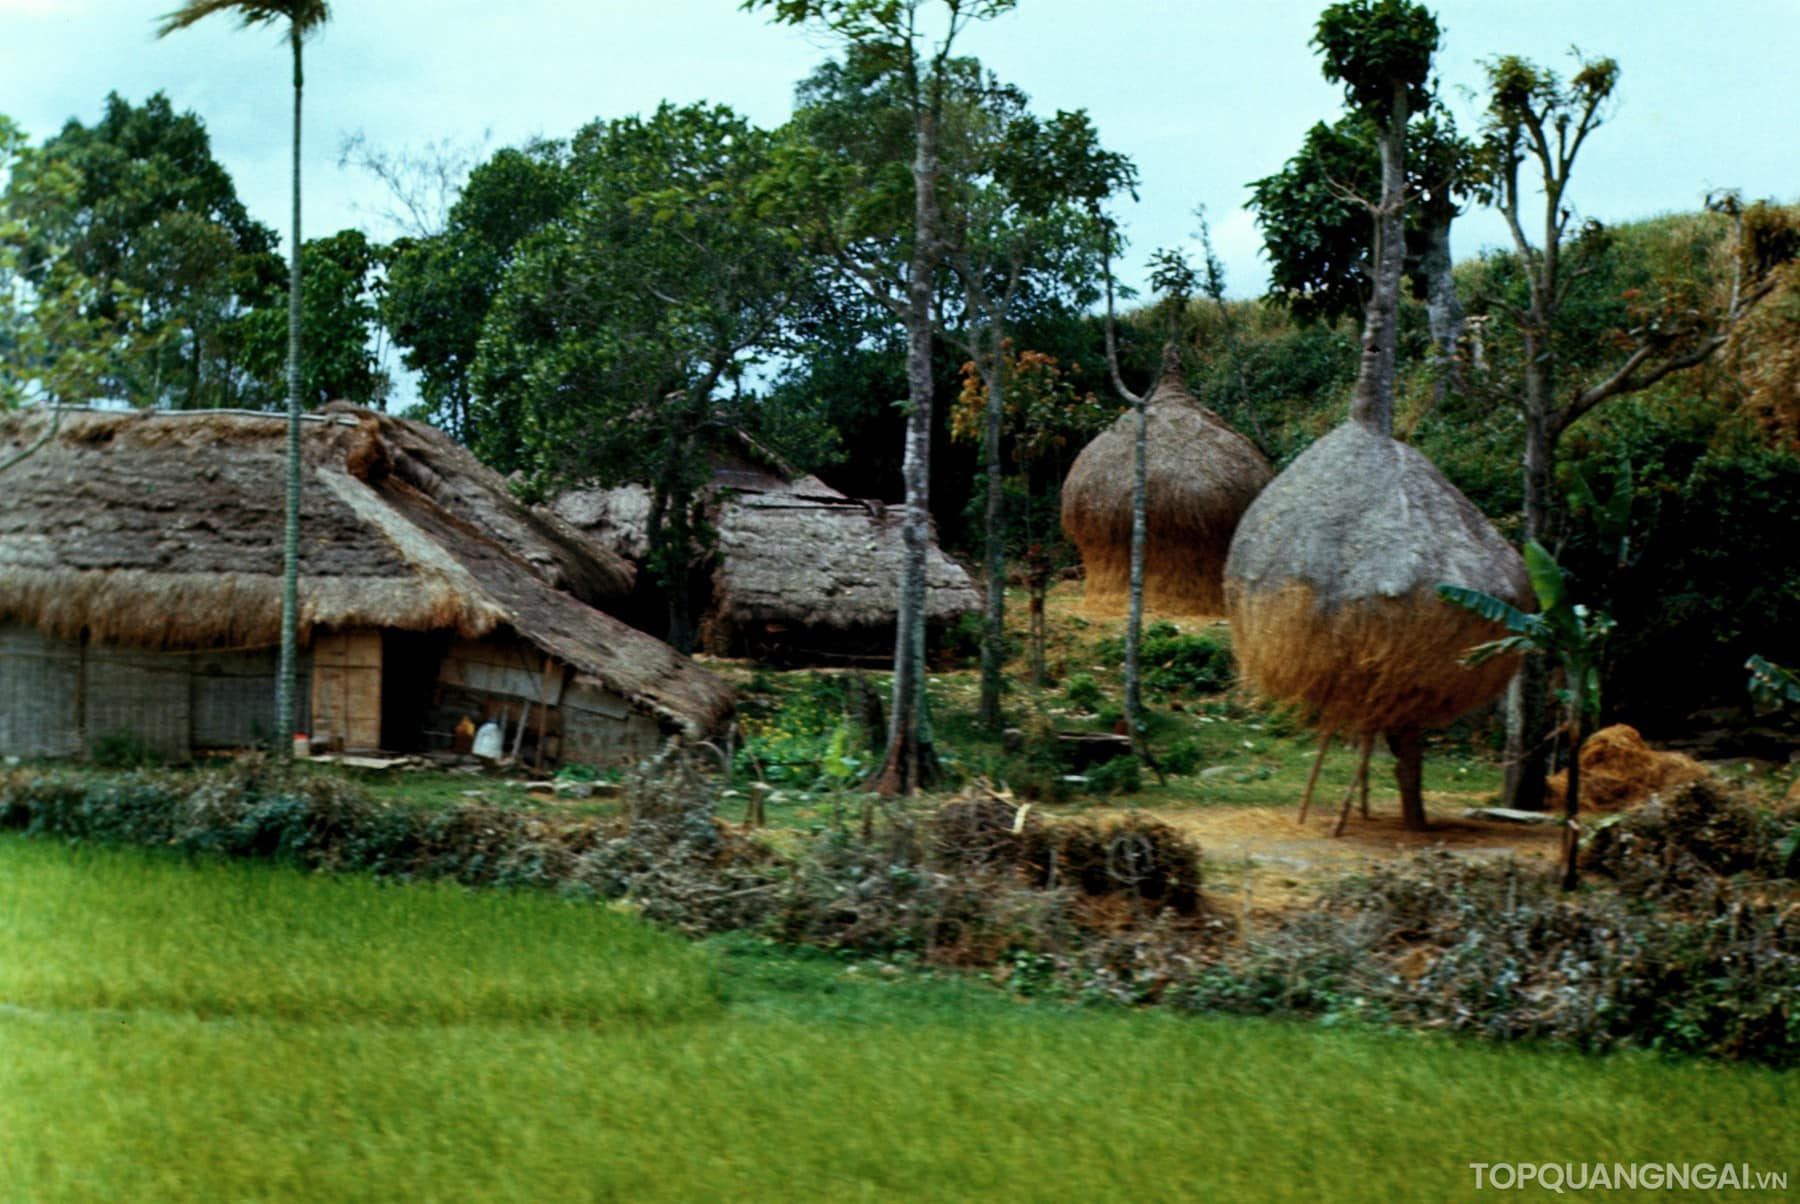 Bộ sưu tập hình ảnh đẹp về Quảng Ngãi năm 1967